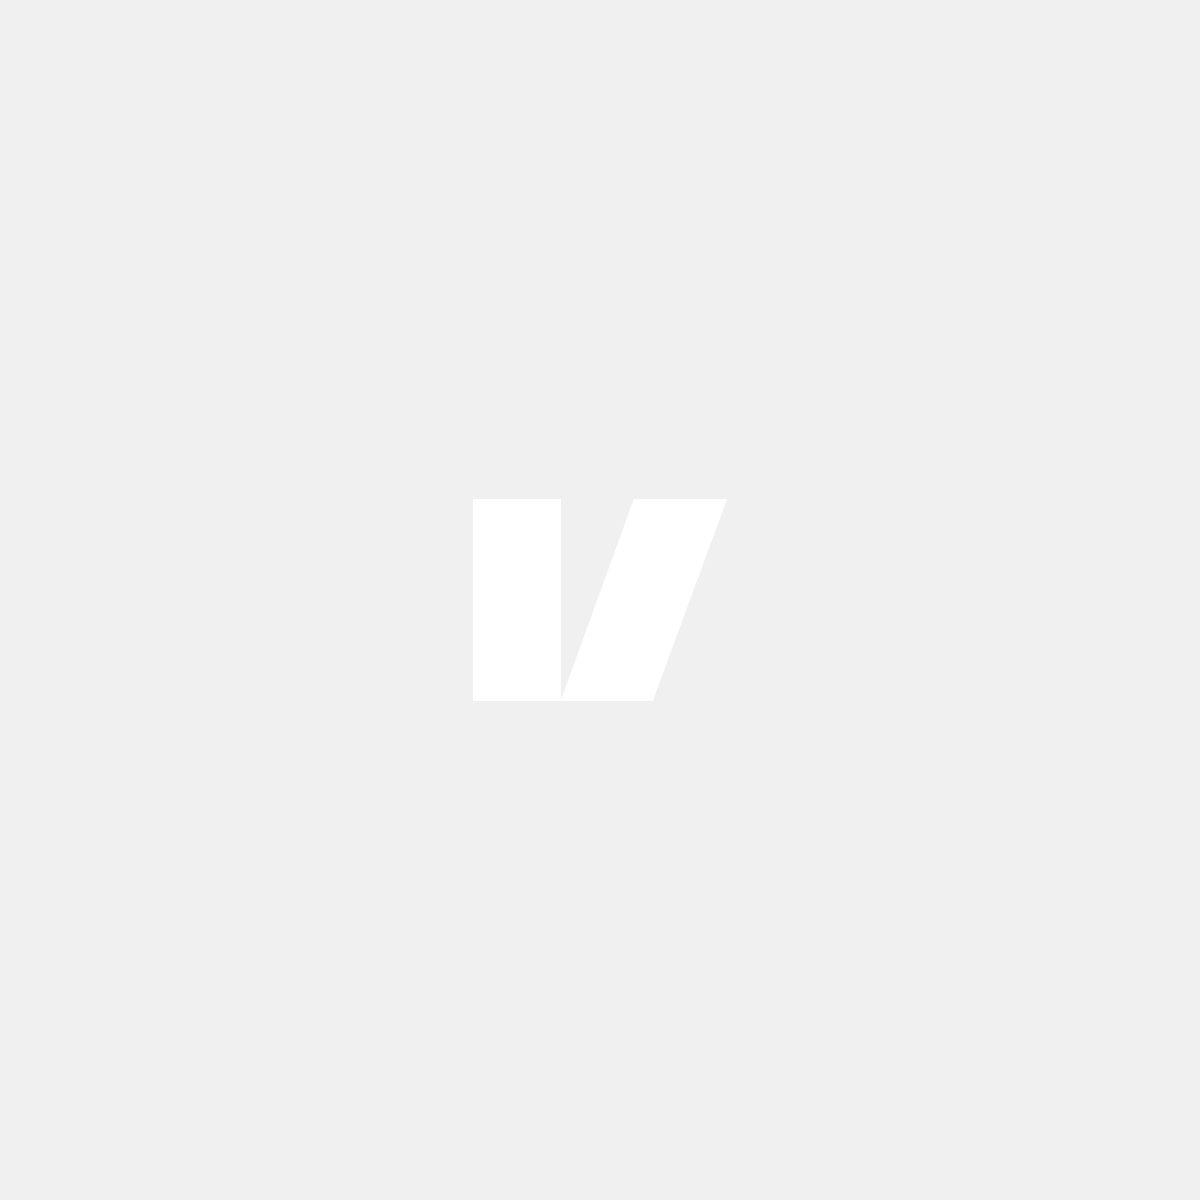 H&R sänkningsfjädersats 35mm, till Volvo S40n 04-